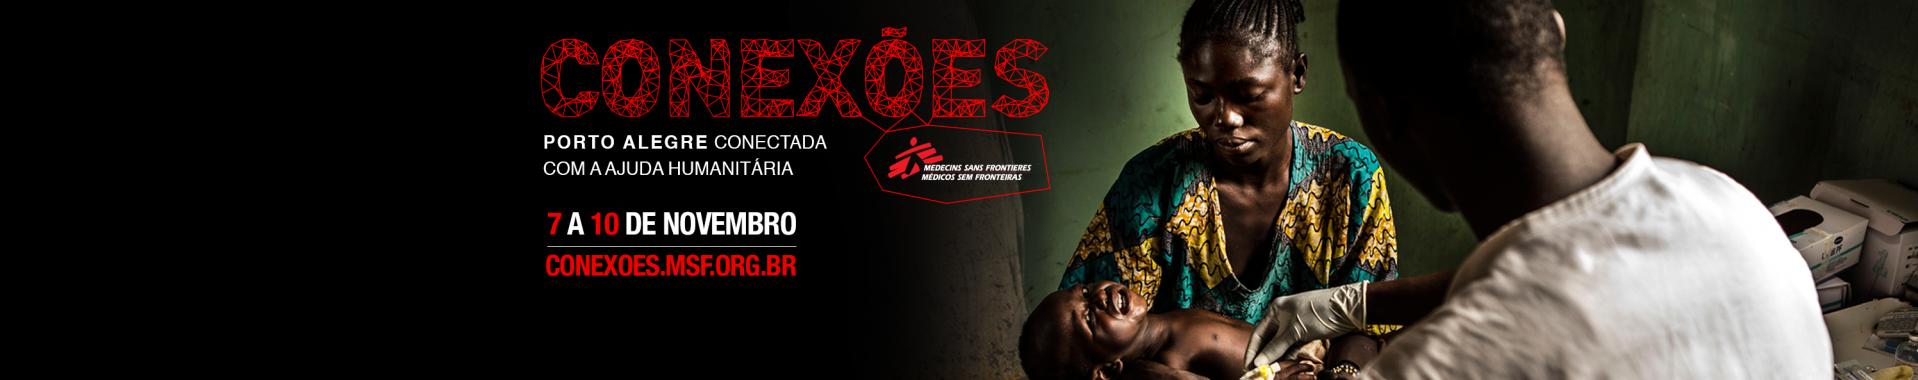 Conexões MSF em Porto Alegre